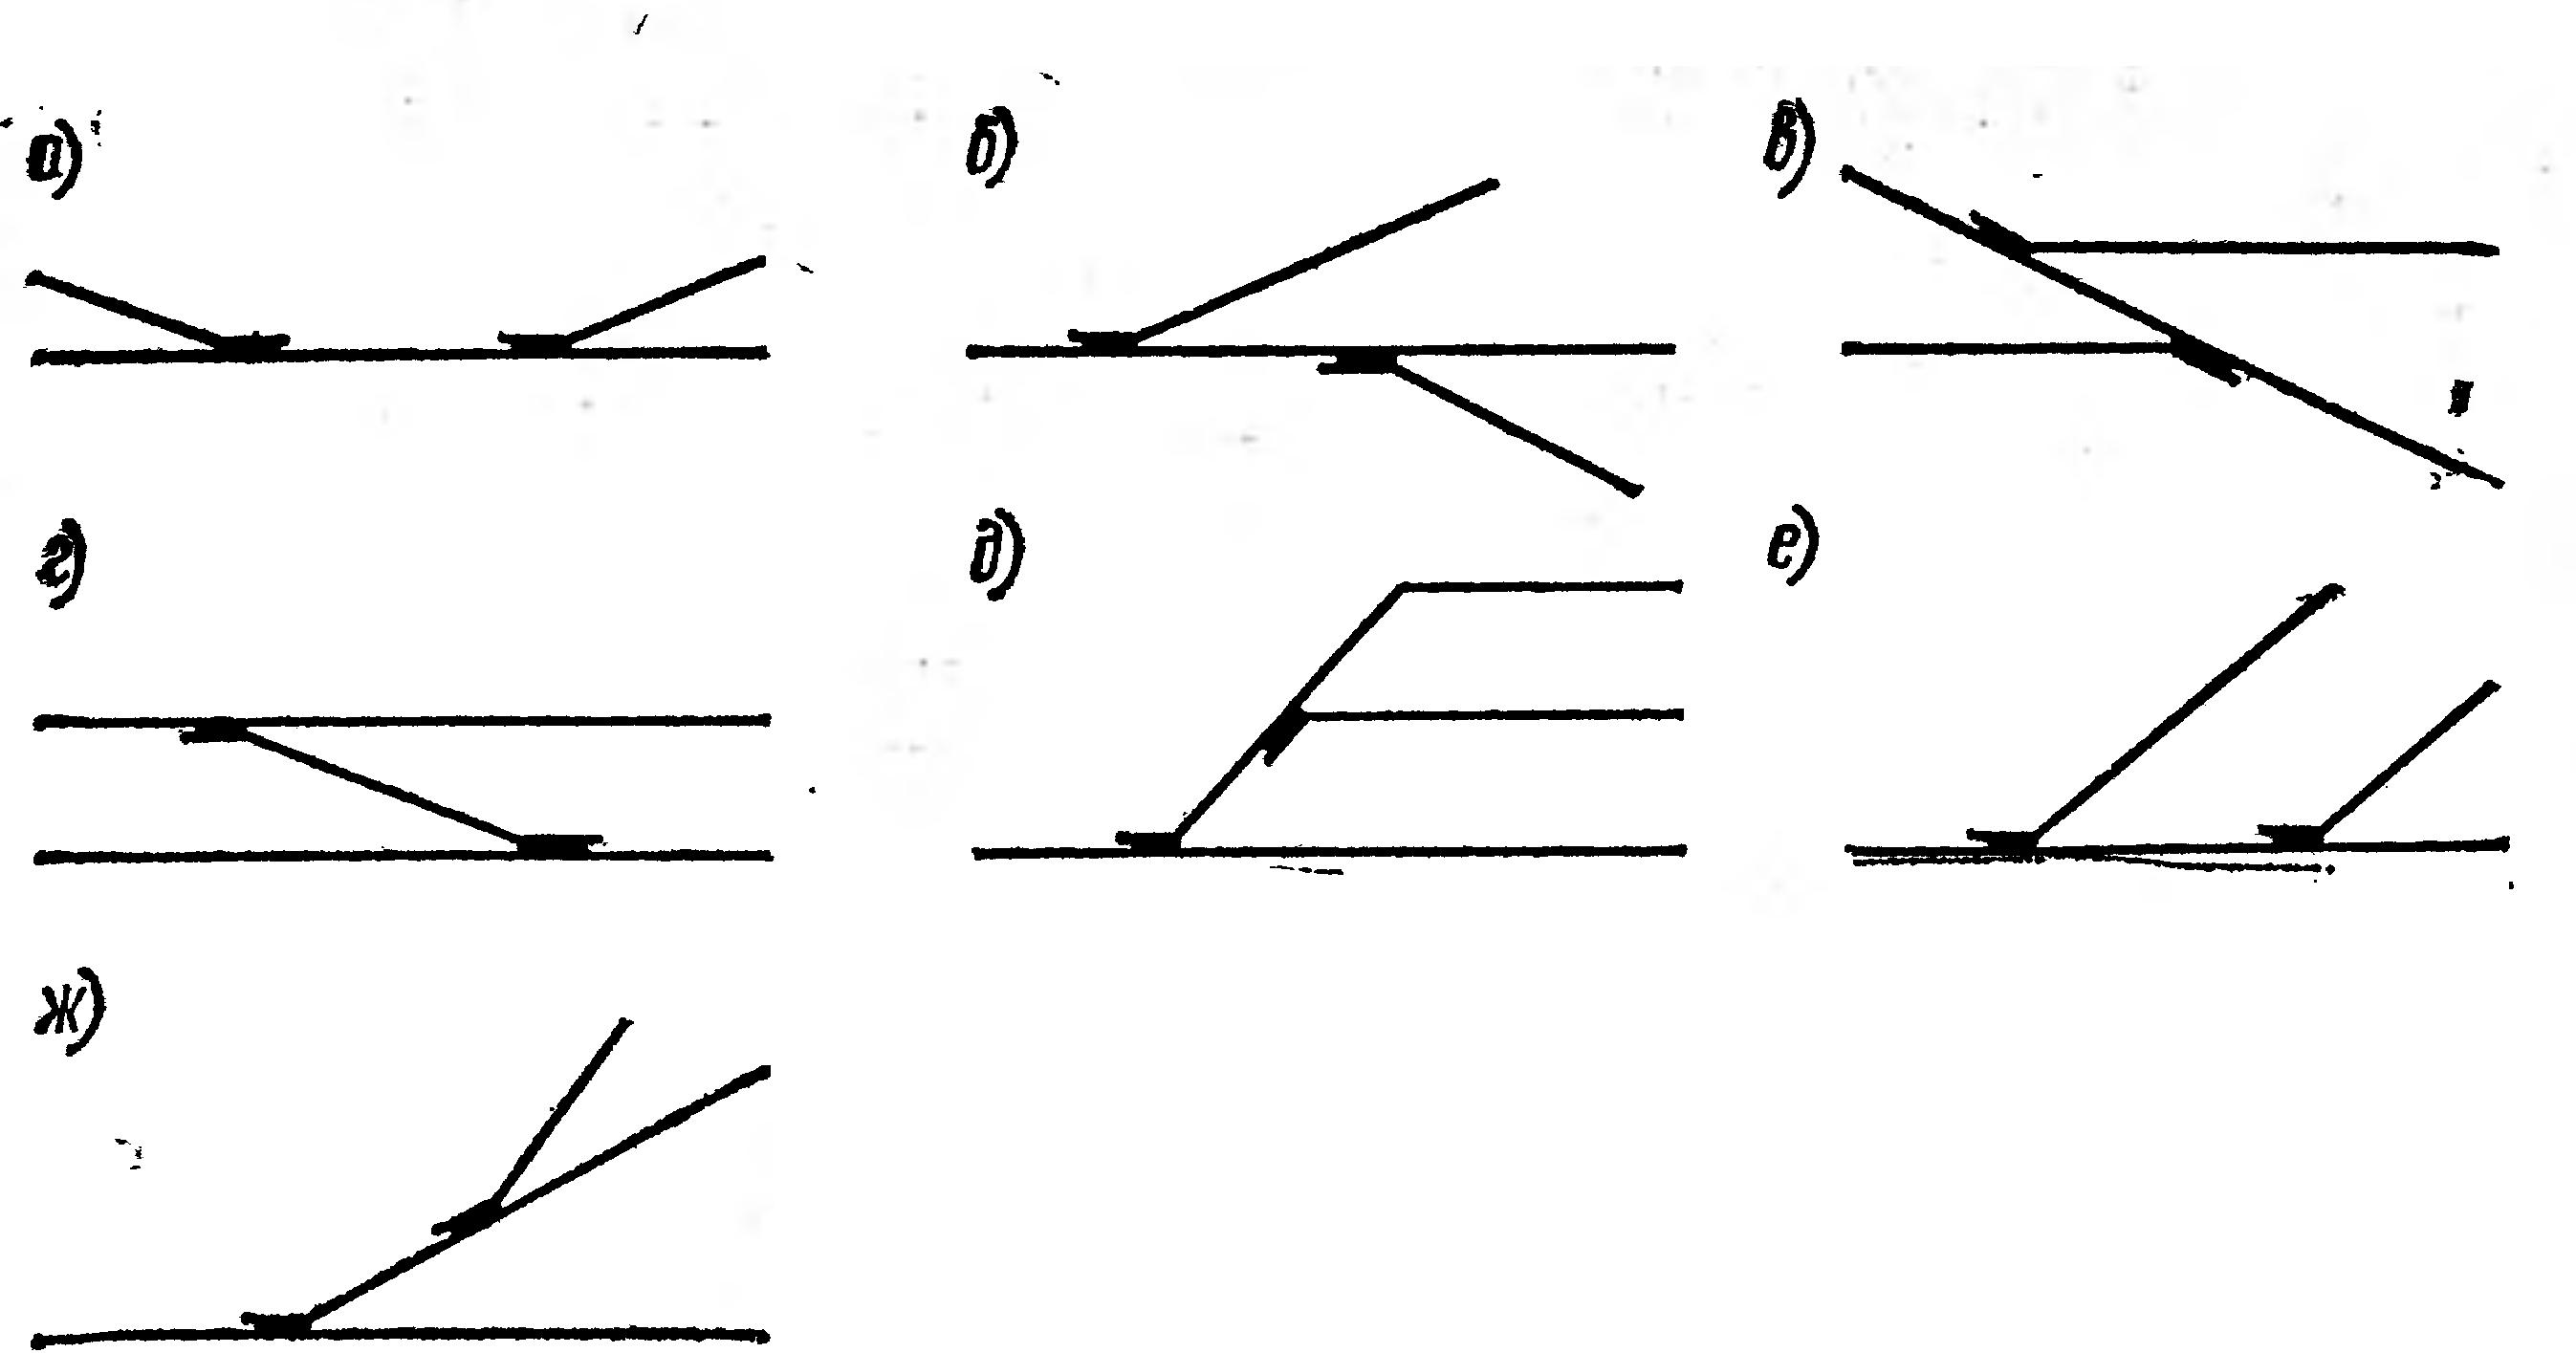 схема подключения эл. двигателя стрелочного перевода